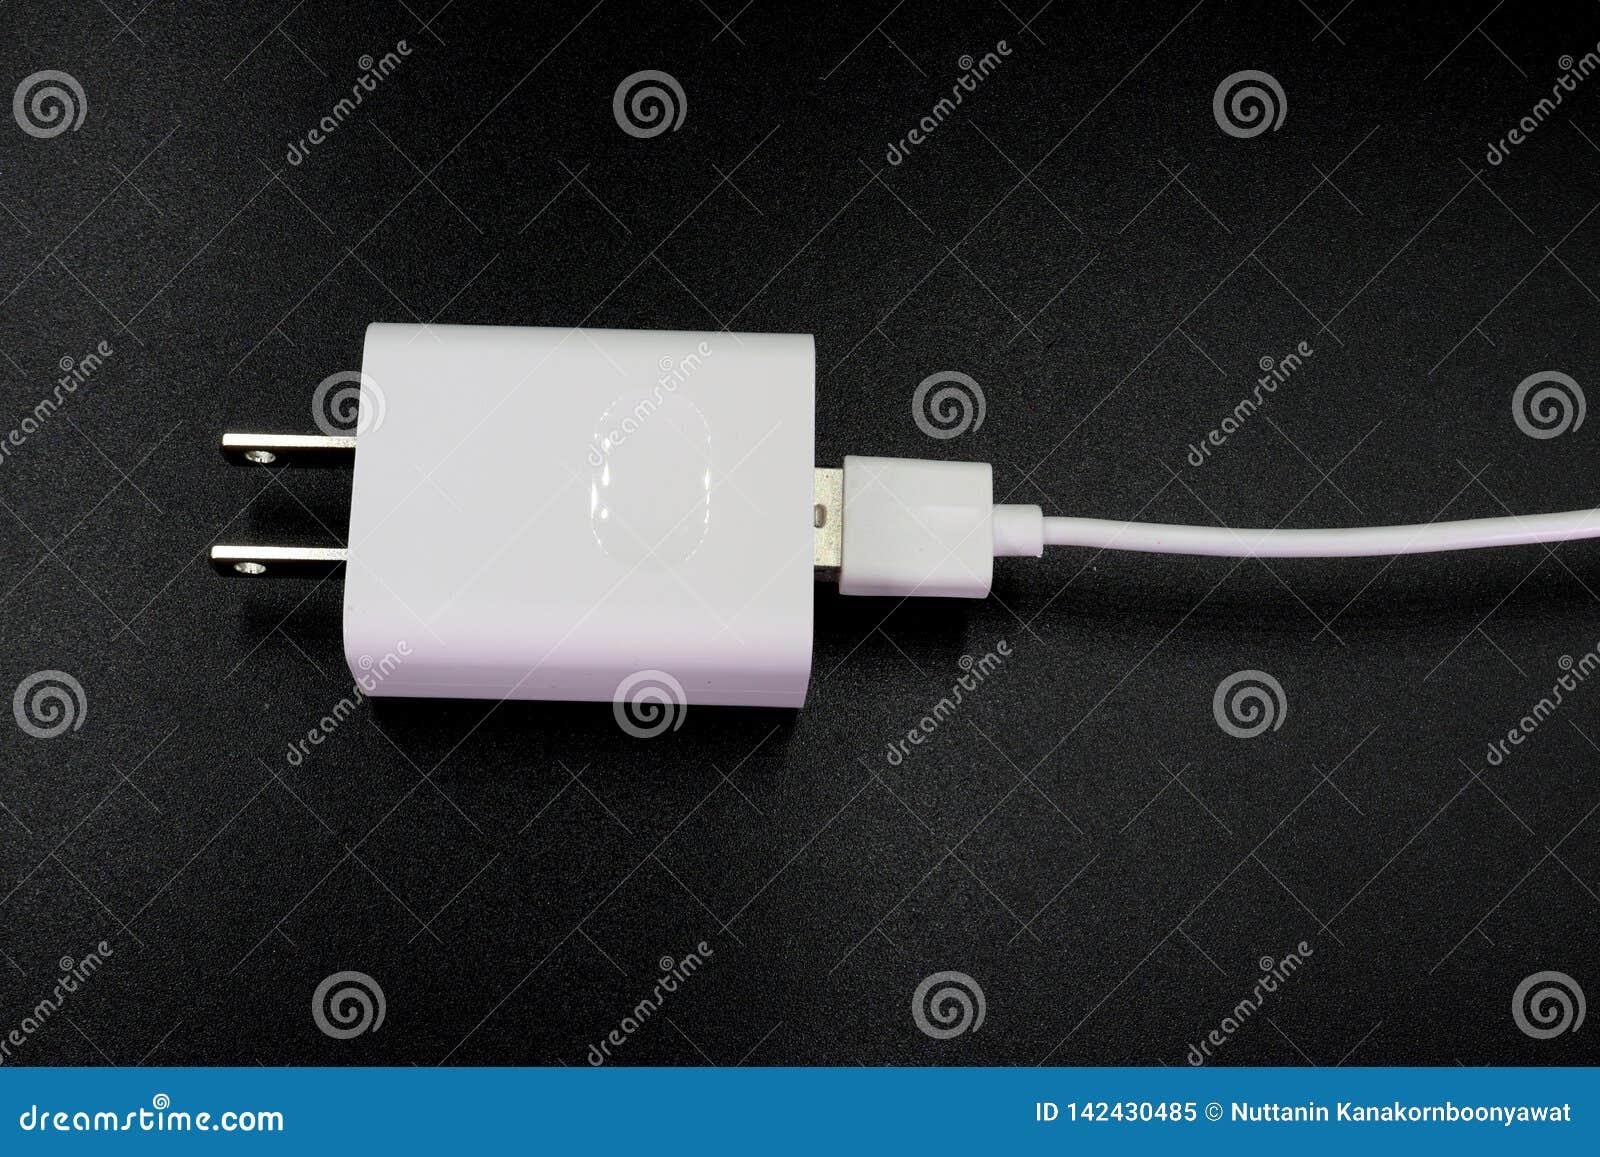 De mobiele lader van USB die op zwarte achtergrond wordt geïsoleerd